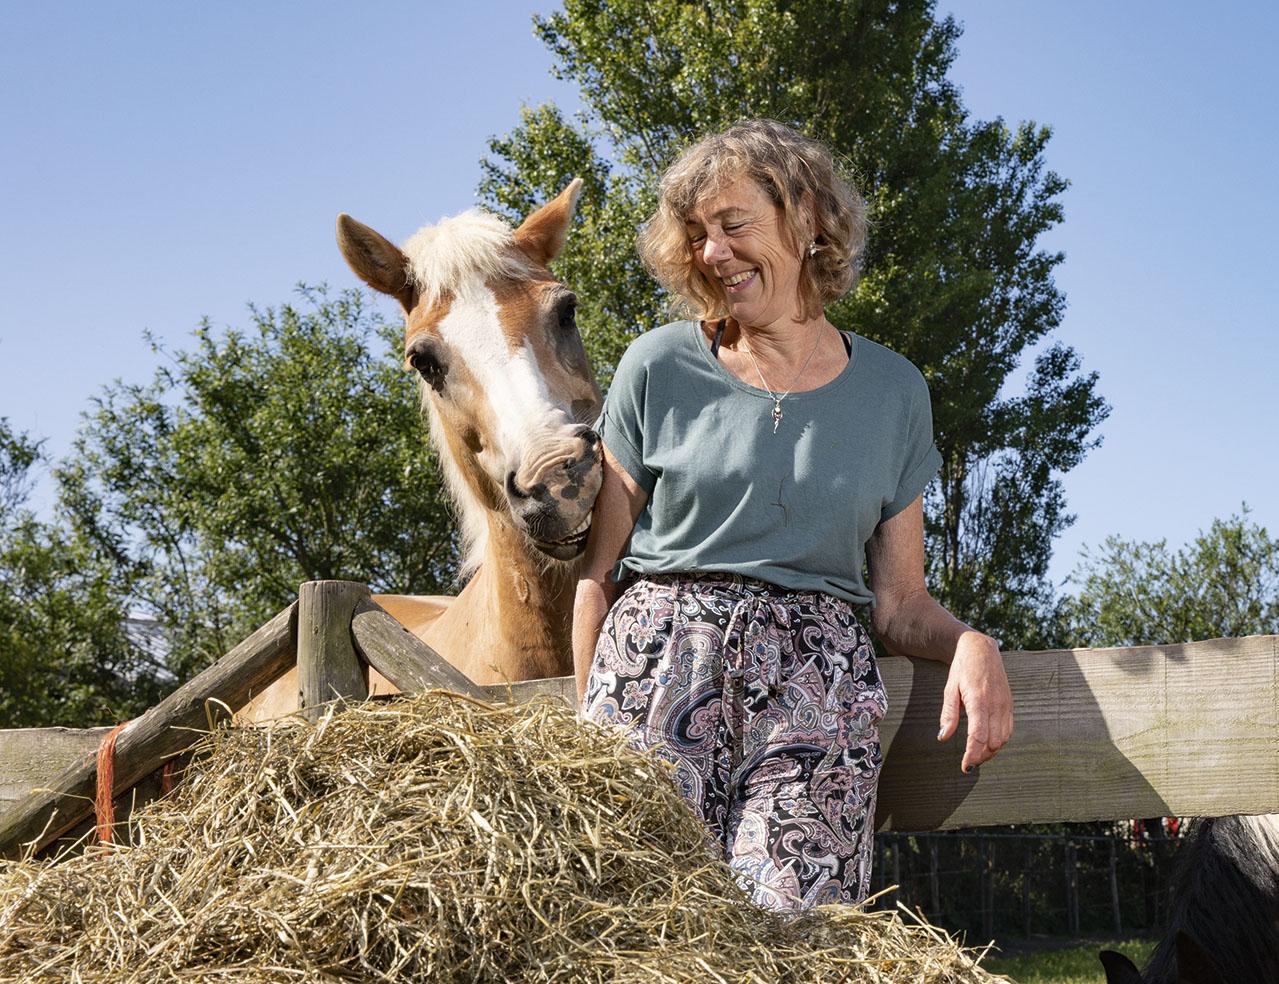 """""""Ik moet mezelf blijven ontwikkelen, anders word ik ongelukkig. Door een training met paarden heb ik meer inzicht in mezelf gekregen."""""""